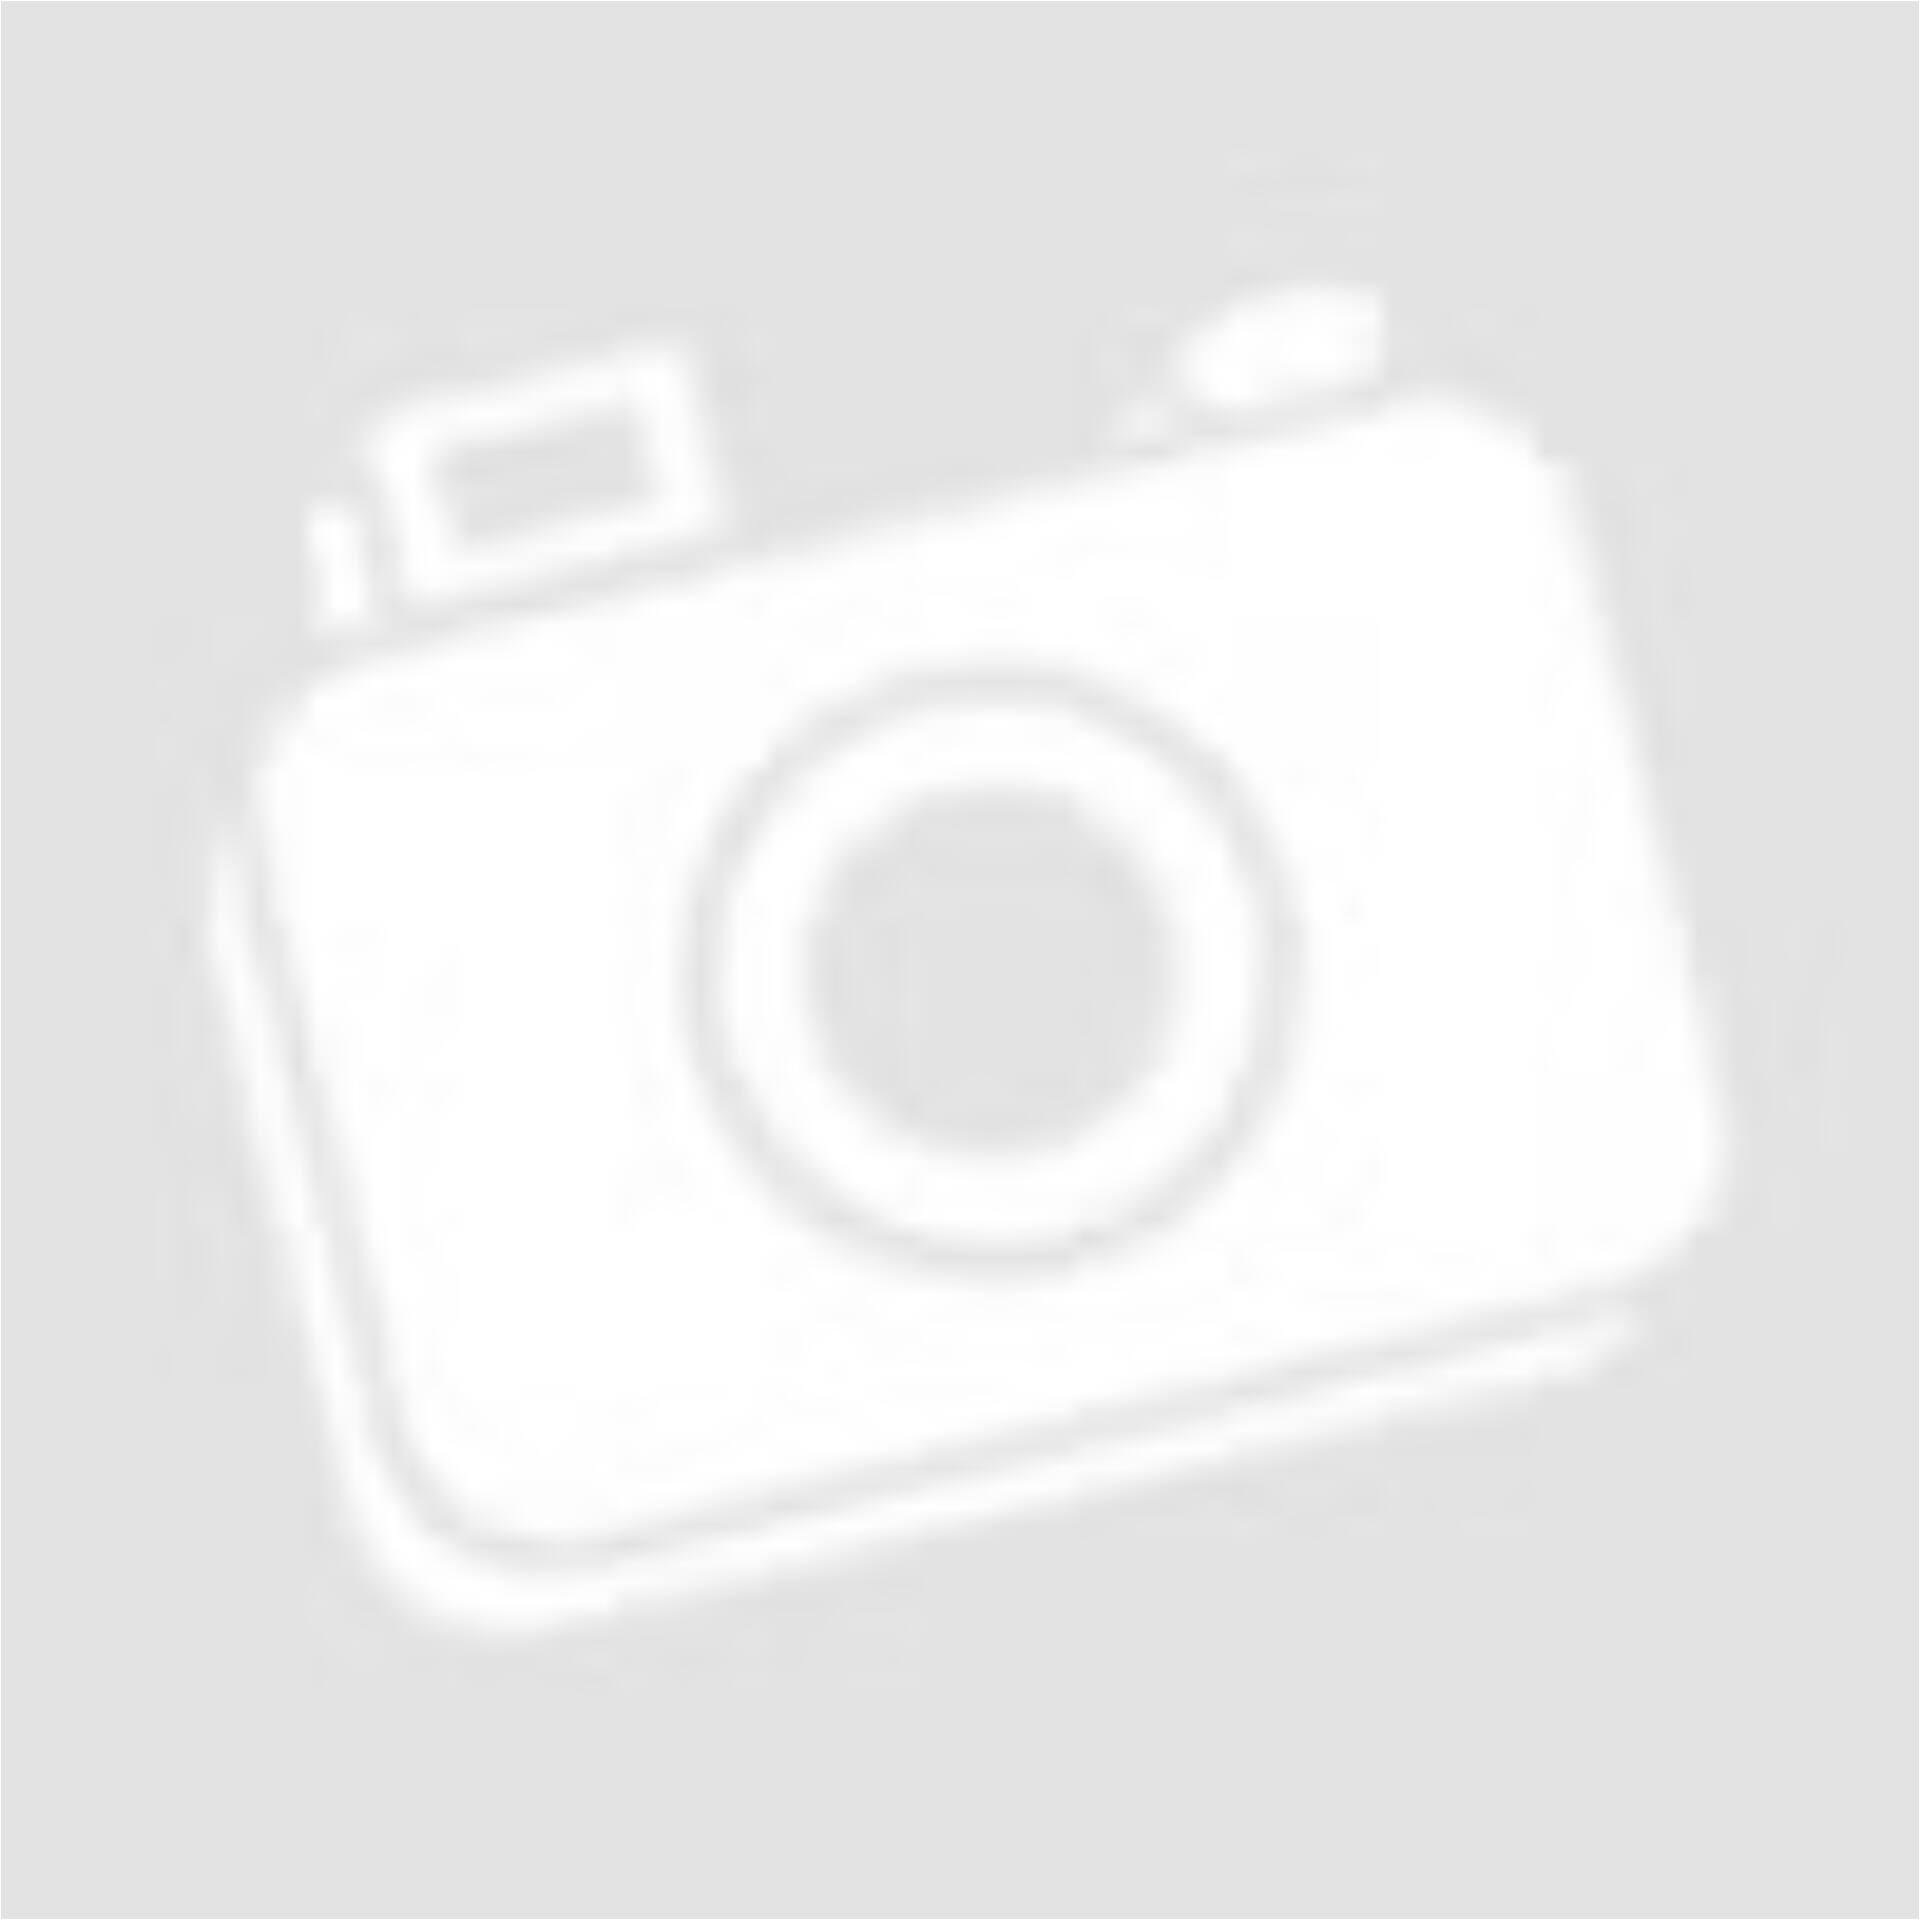 06894f694f VERO MODA szürke felső (Méret: L) - Női póló, trikó, topp, body ...